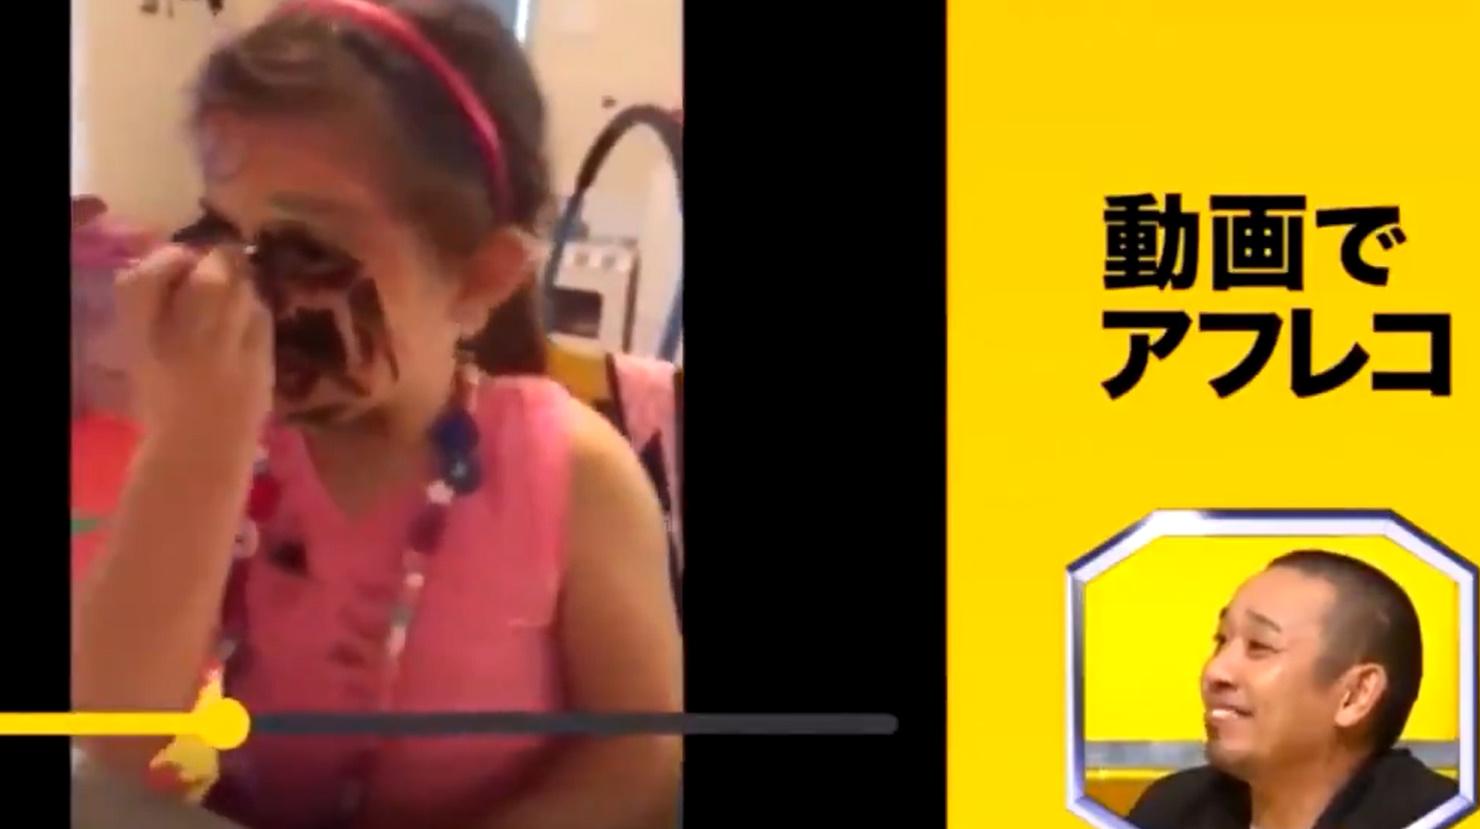 千鳥大悟 IPPONグランプリ 動画でアフレコ